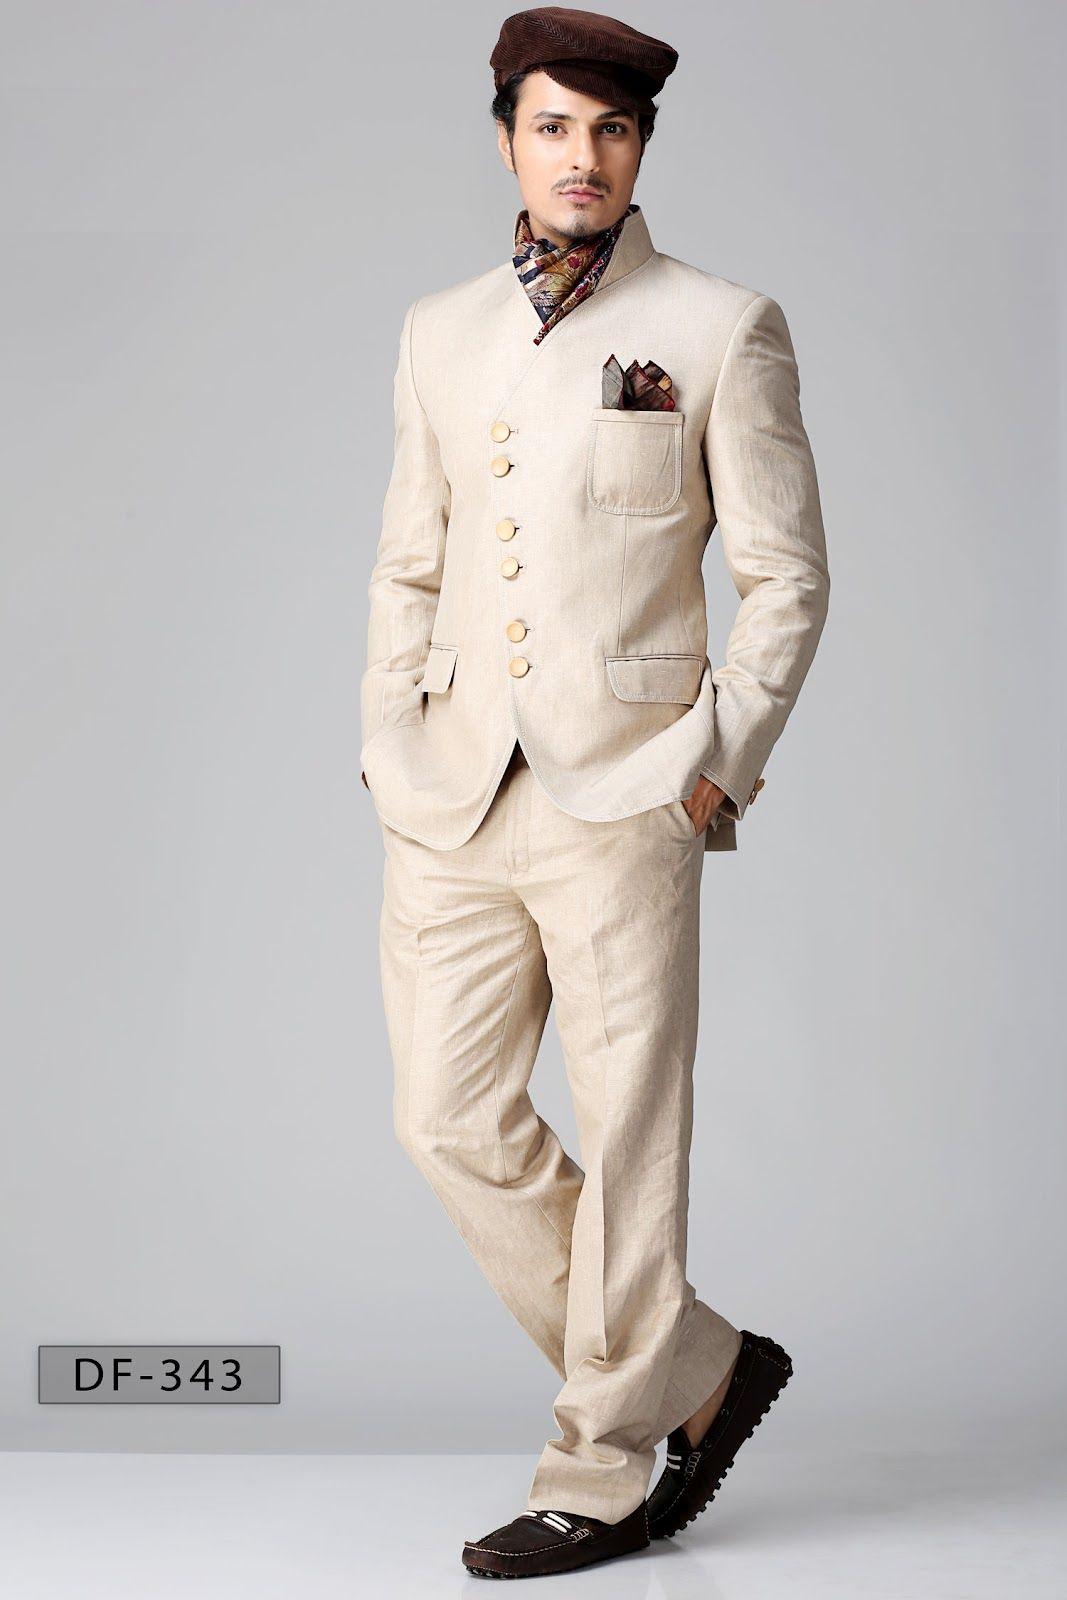 Men #Suit | All Suited Up | Pinterest | Men\'s suits and Mens suits